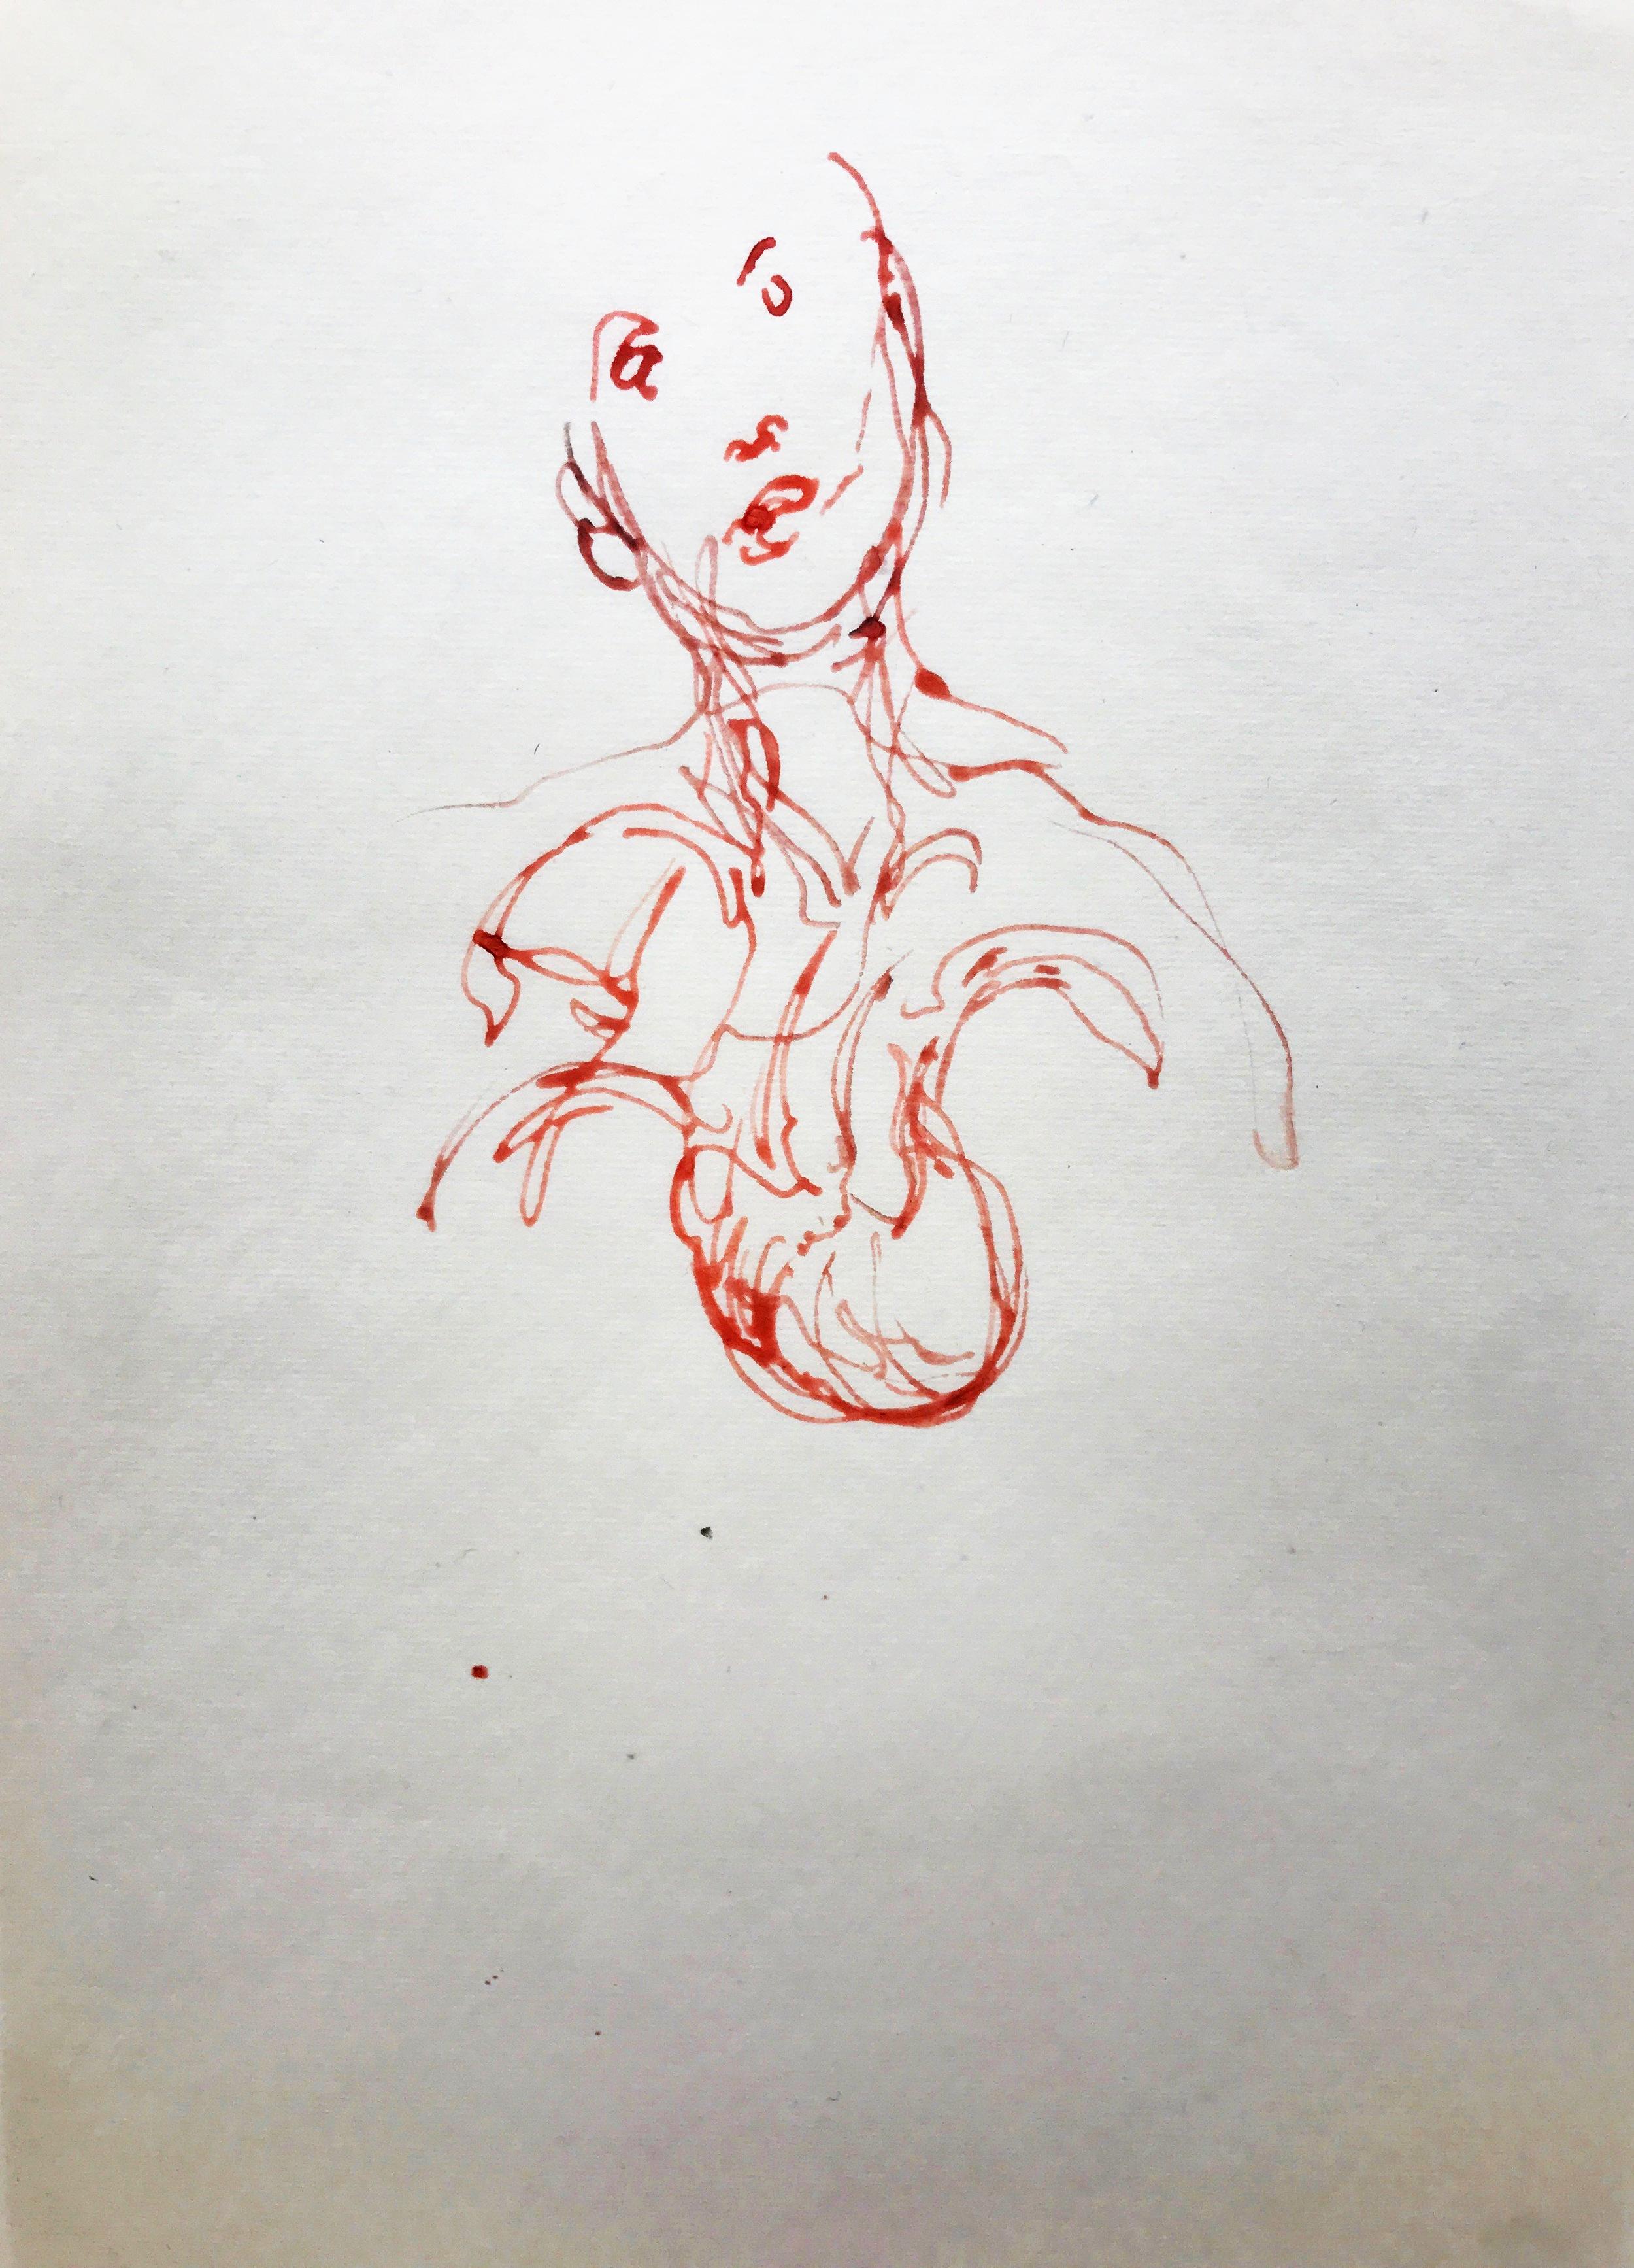 Gerard Traquandi - Sans titre, 2011 - Encre sur papier japon - 34,4 x 22,5 cm.jpg